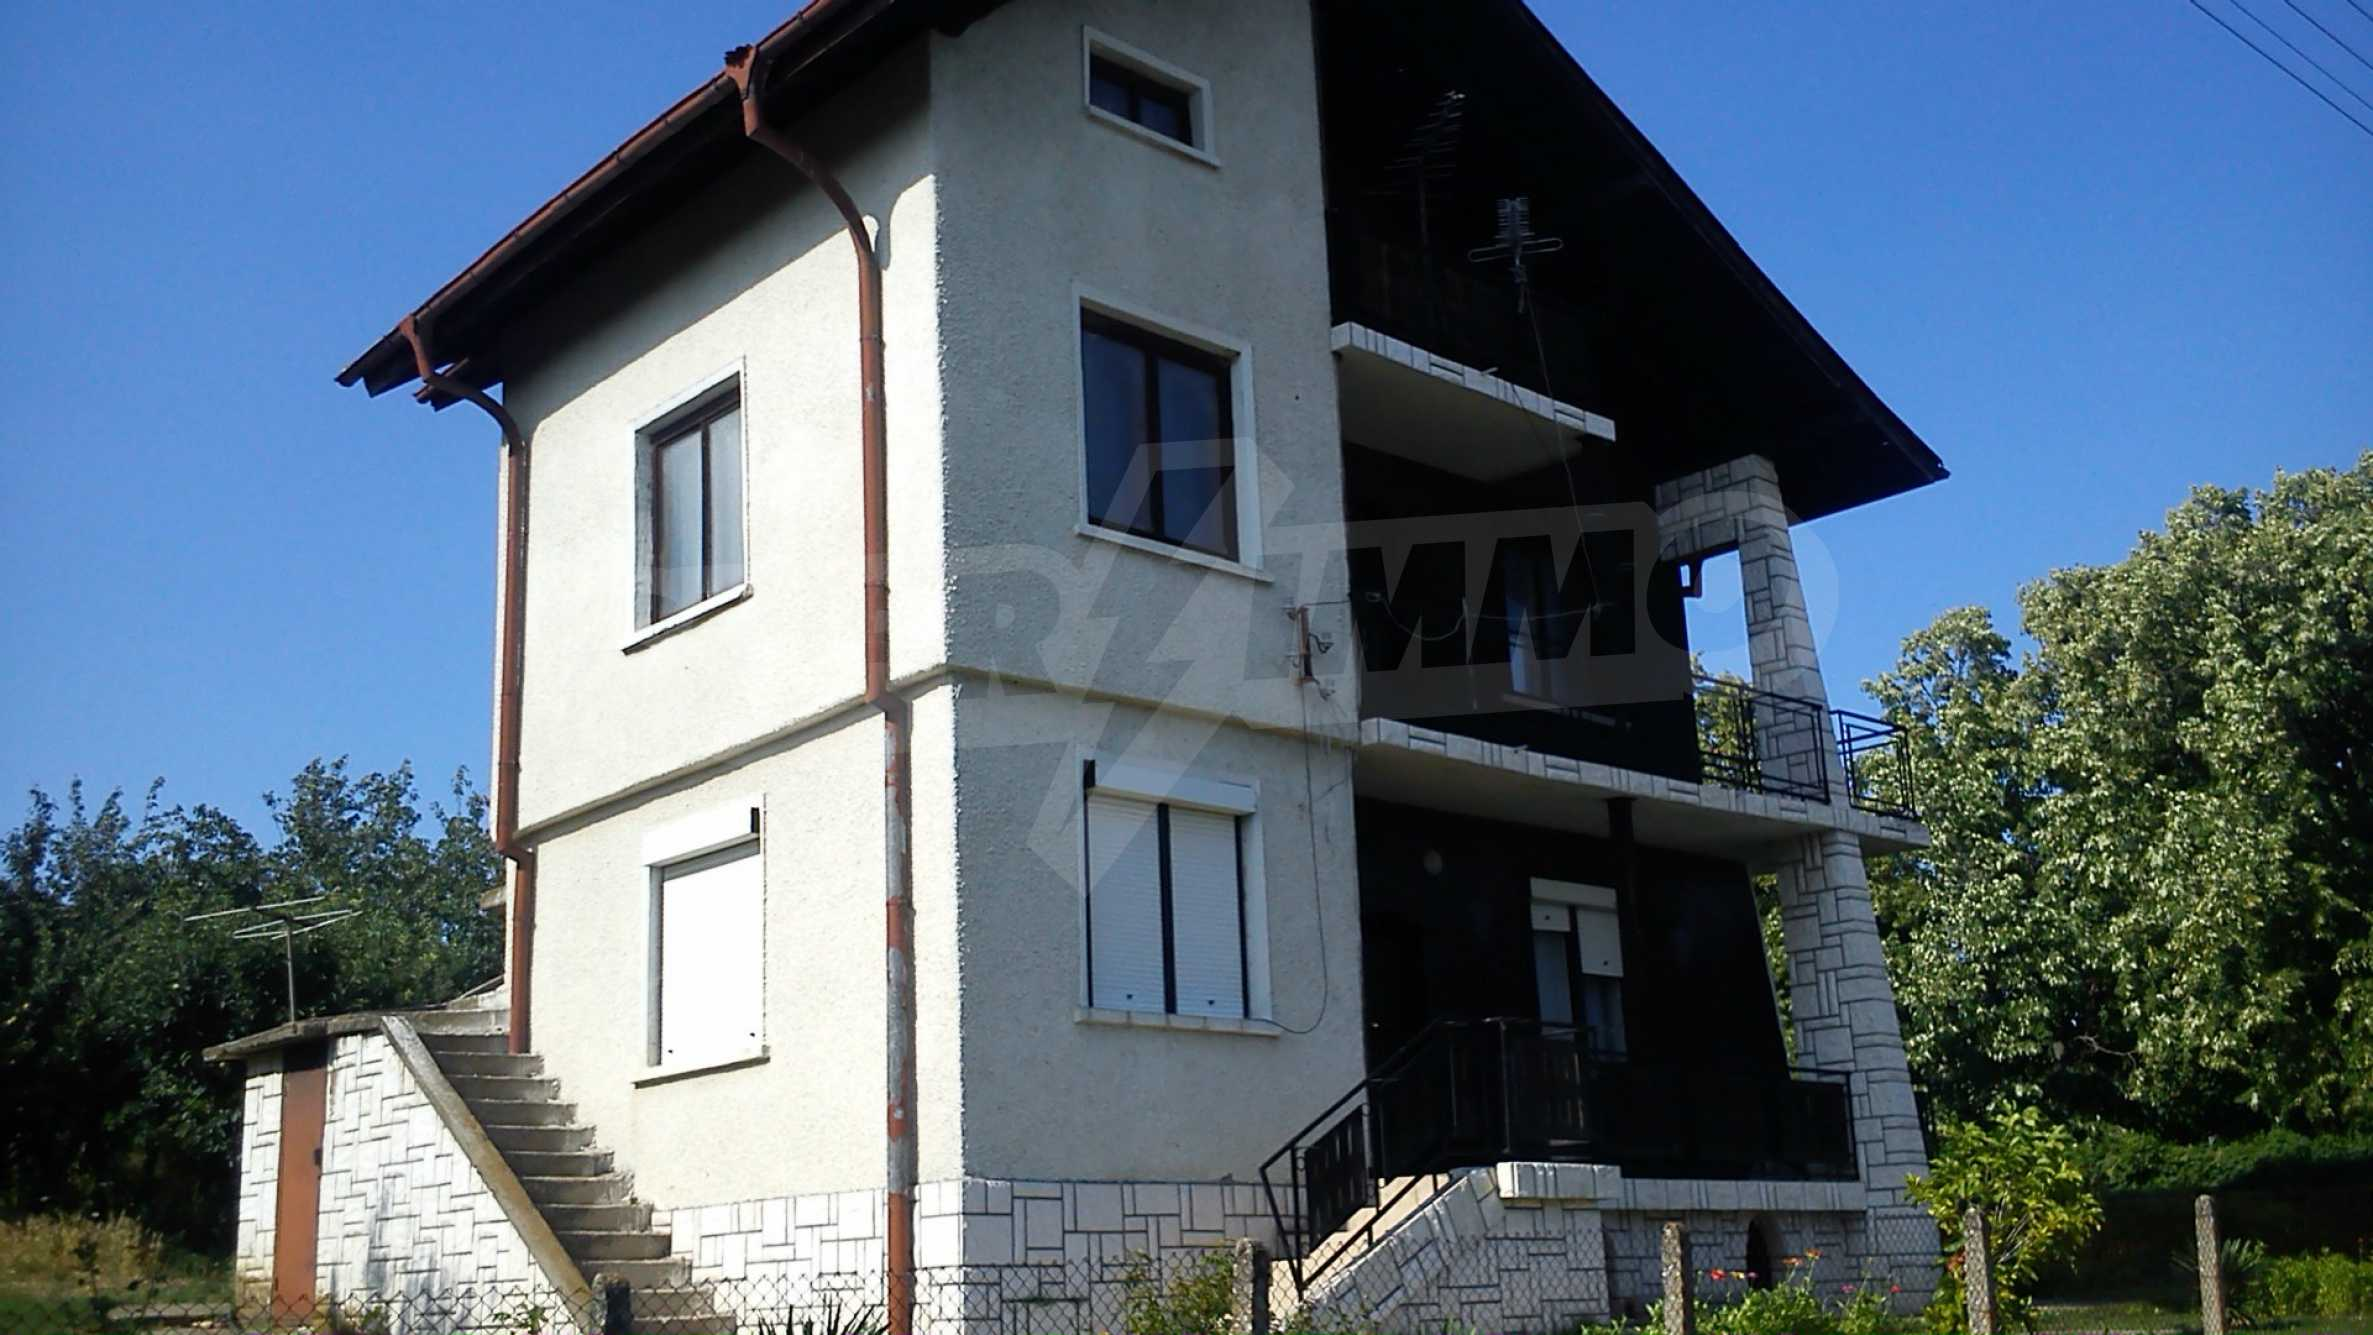 3-storey villa with garden in picturesque village near Vidin 1